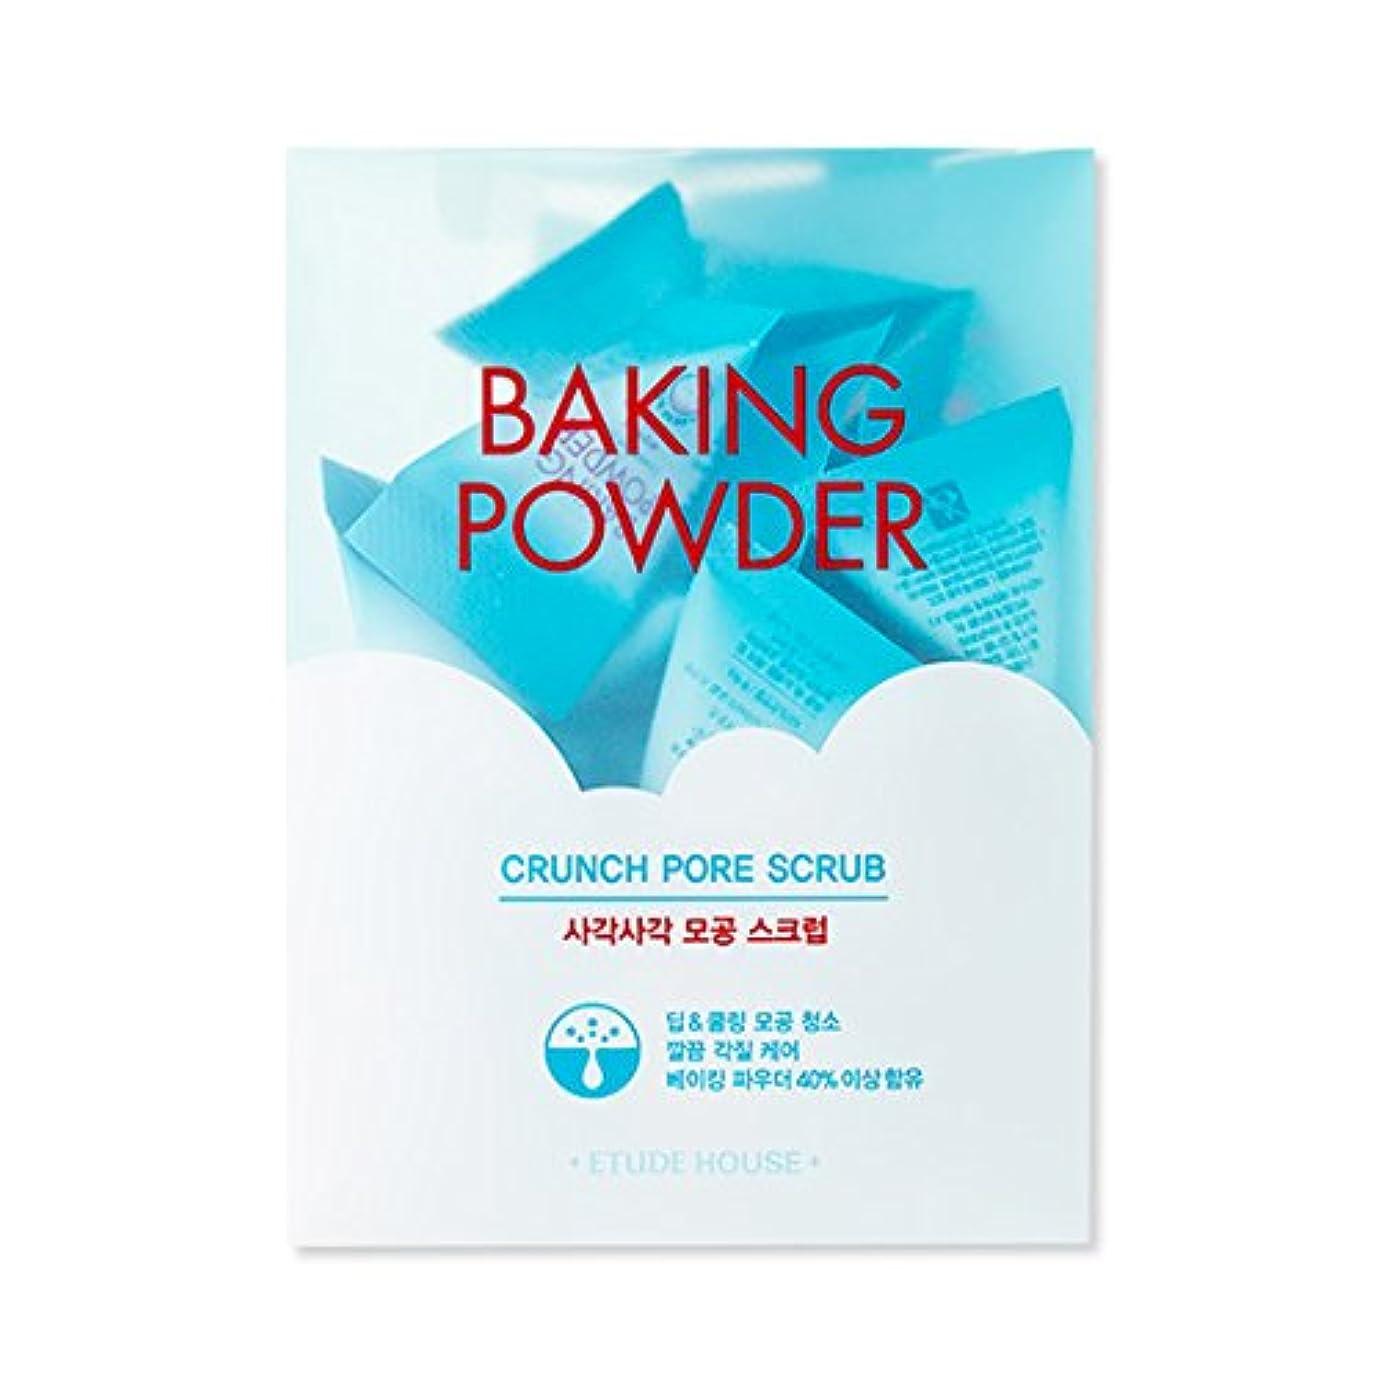 機転おとうさん読書[2016 Upgrade!] ETUDE HOUSE Baking Powder Crunch Pore Scrub 7g×24ea/エチュードハウス ベーキング パウダー クランチ ポア スクラブ 7g×24ea [...